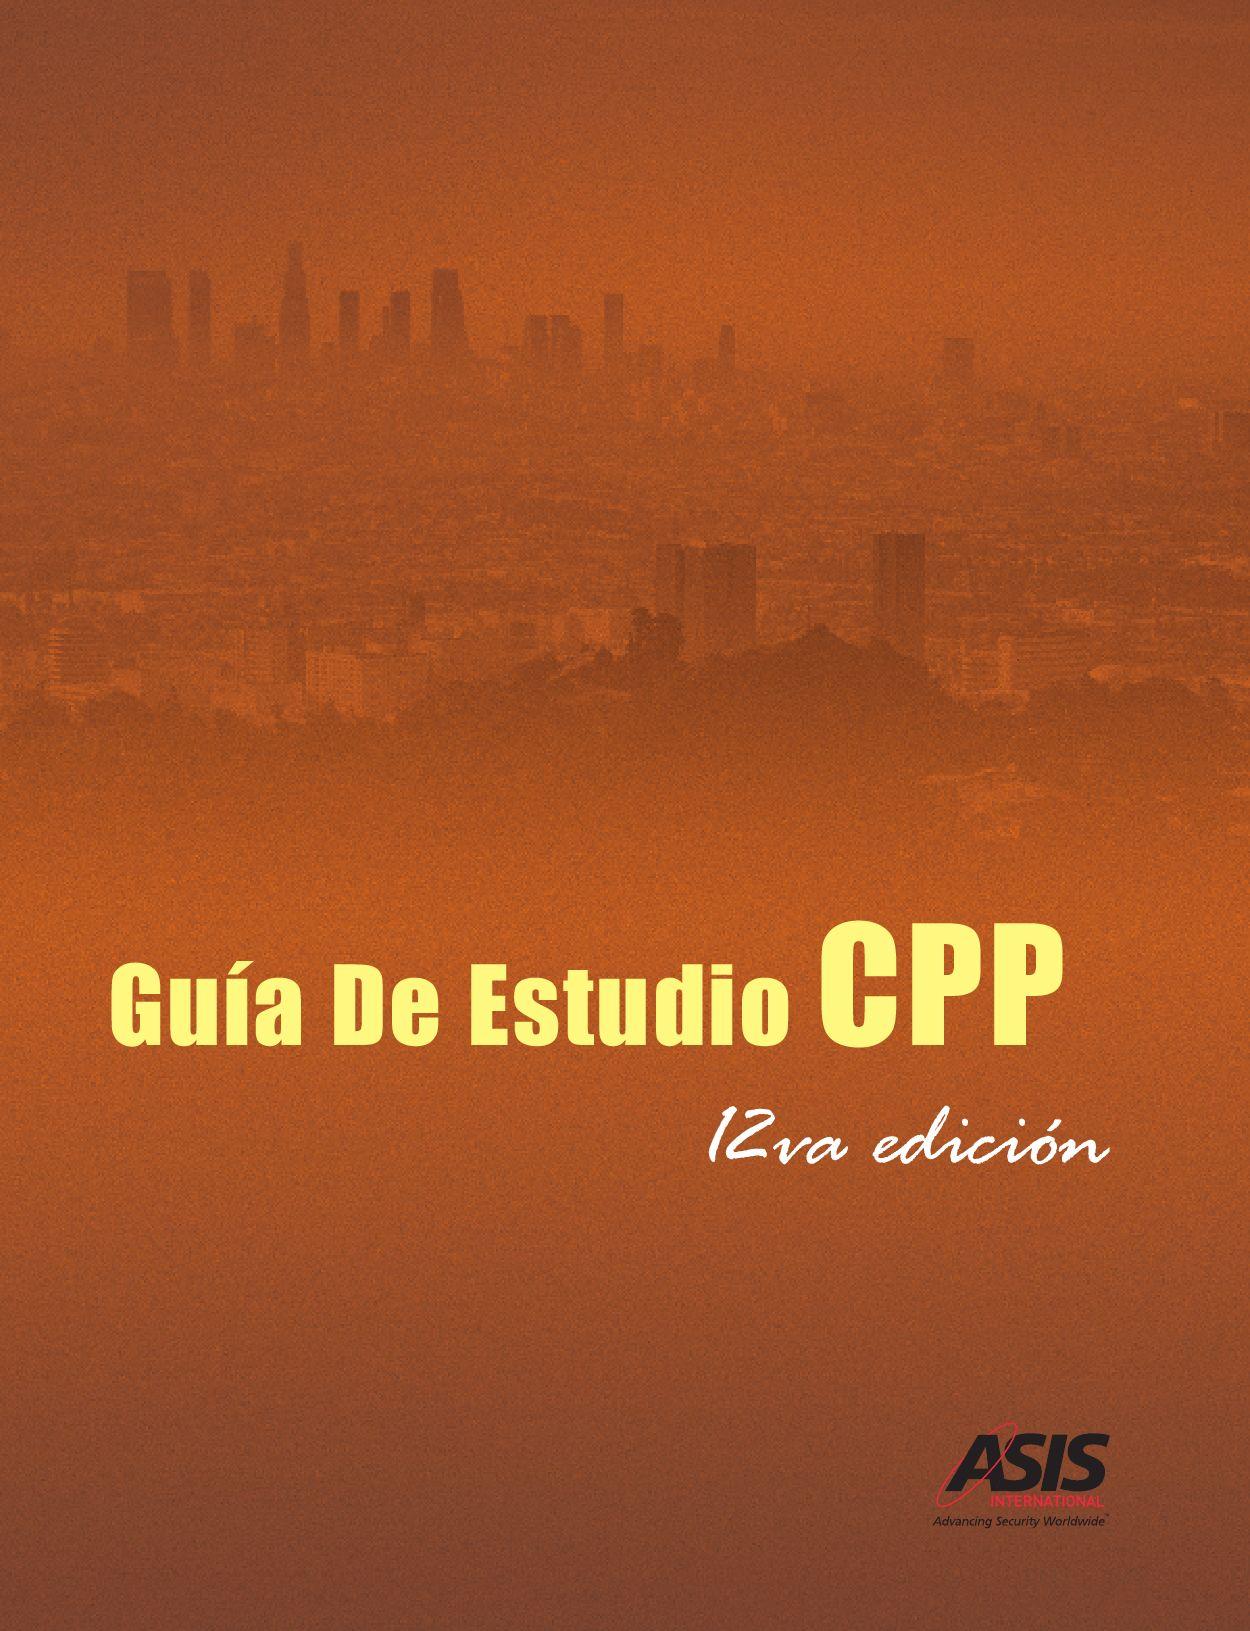 Guia de Estudio para CPP by Ronald Sanchez - issuu